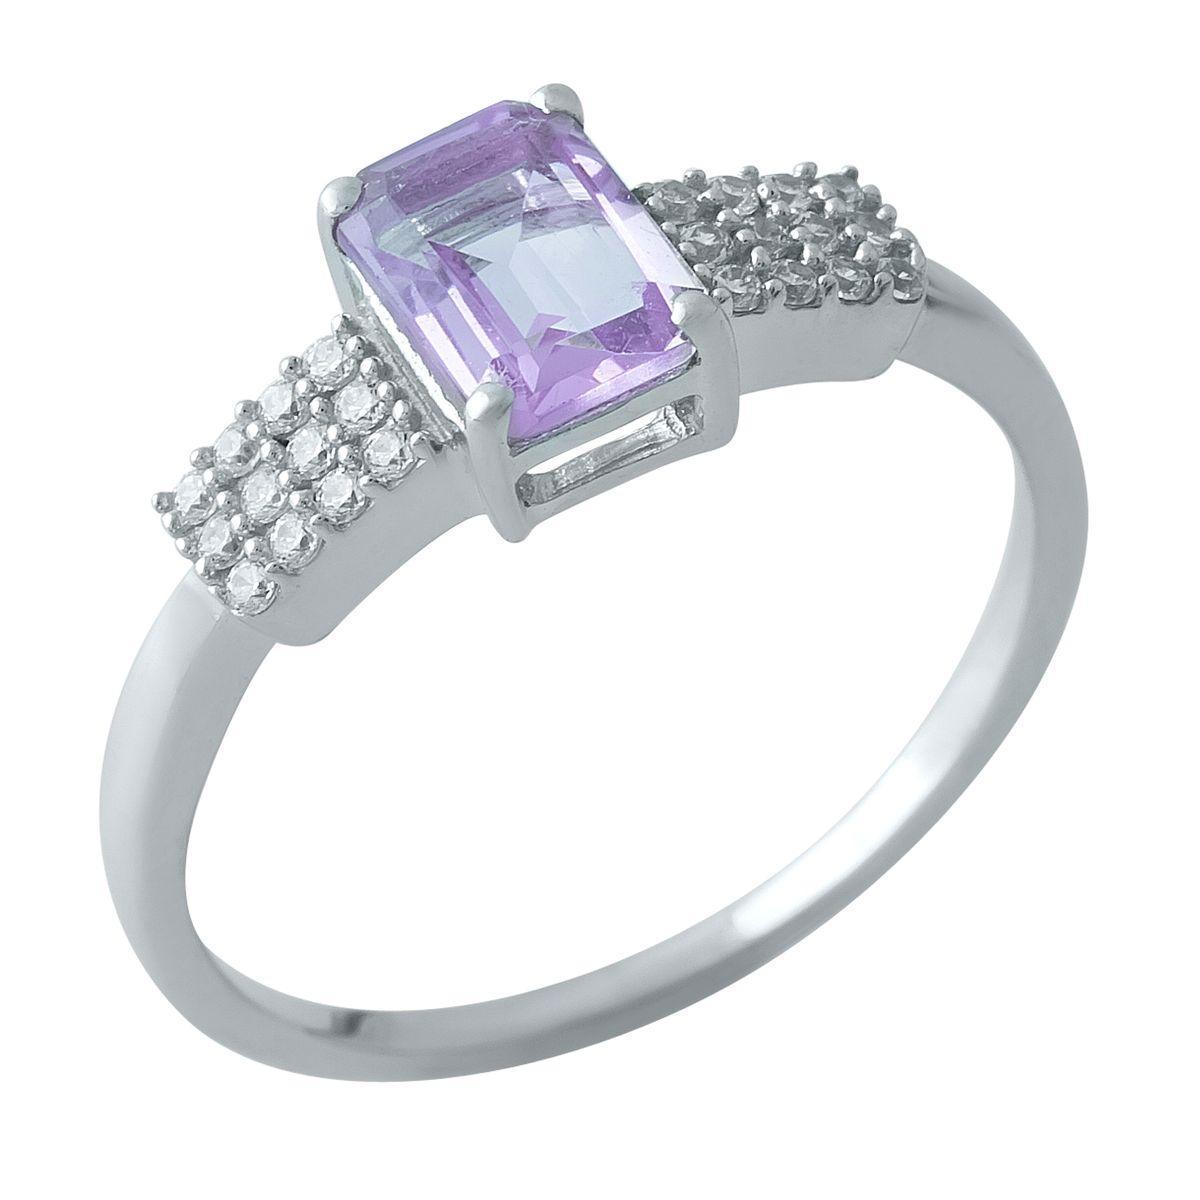 Родированное серебряное кольцо 925 пробы с натуральным аметистом